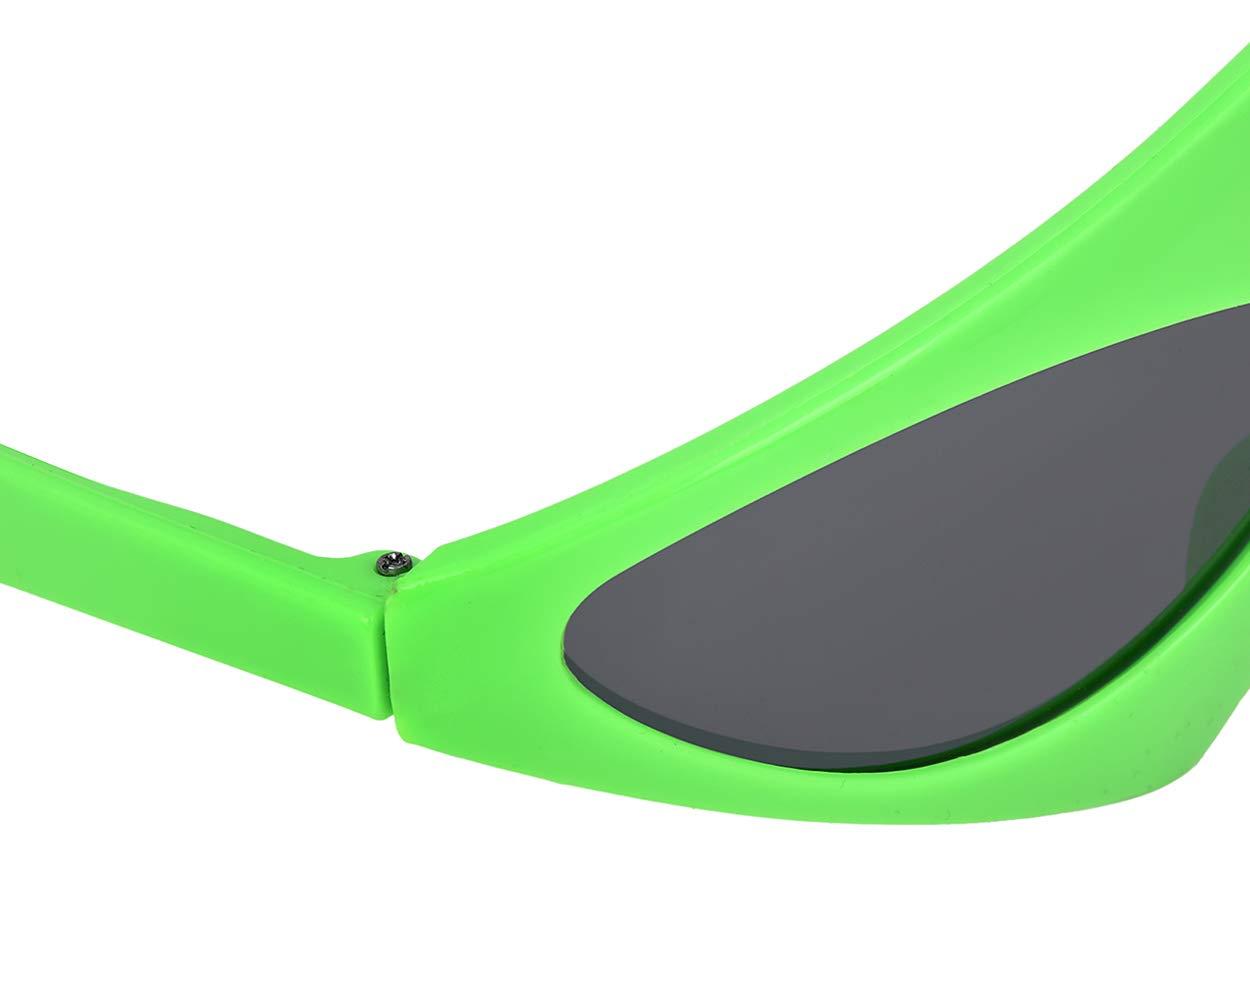 SCSpecial Novedad Gafas de Sol de Fiesta 80s Gafas asimétricas de Color Rosa y Gafas de neón Verdes para la Fiesta de Halloween de Hip Hop Dance